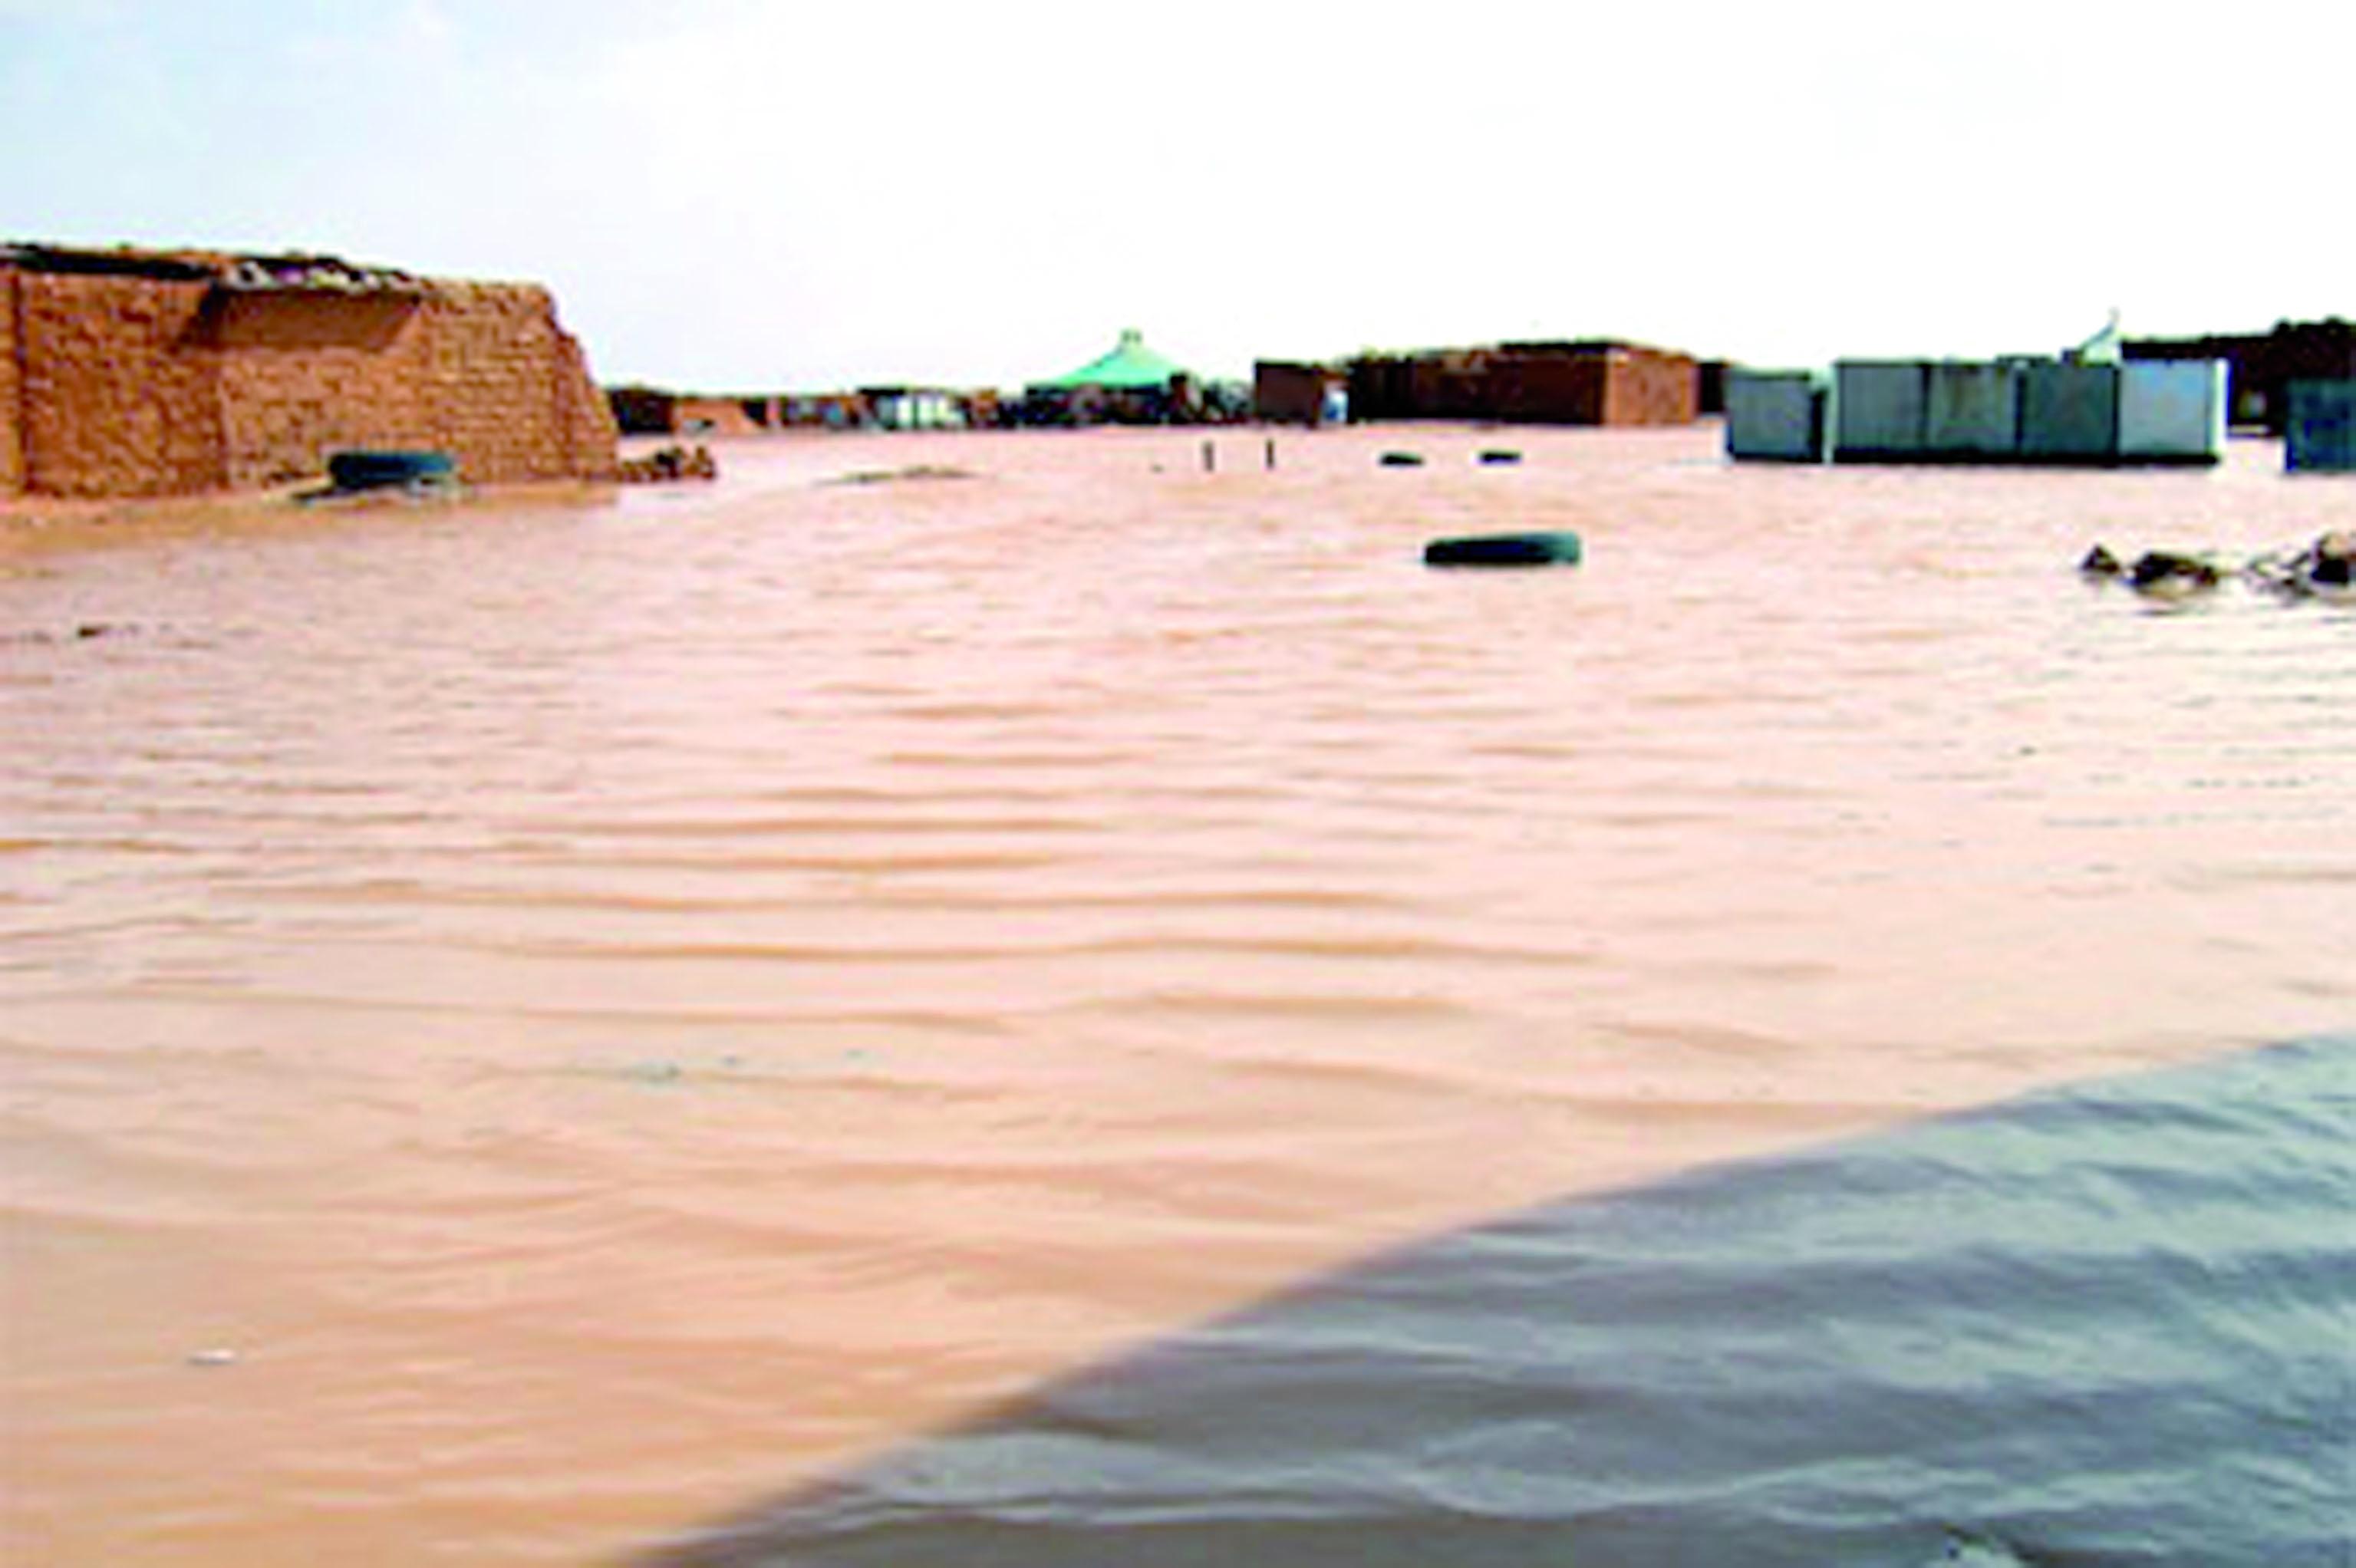 Khatt Achahid demande à ce que les caciques du Polisario soient poursuivis pour crimes contre l'humanité